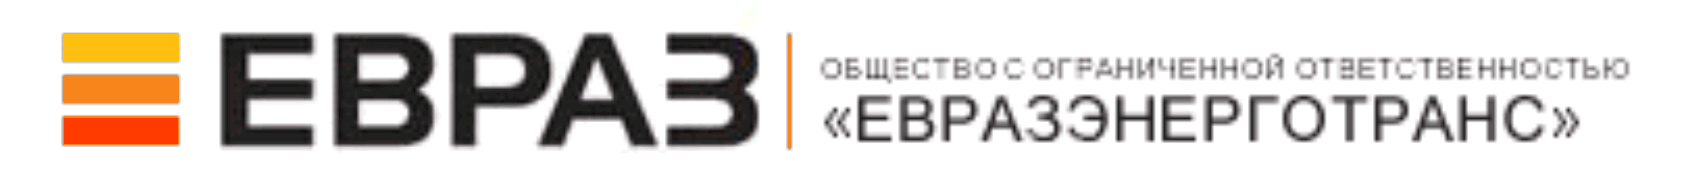 горячая линия сбис ключевые решения в новокузнецке городка